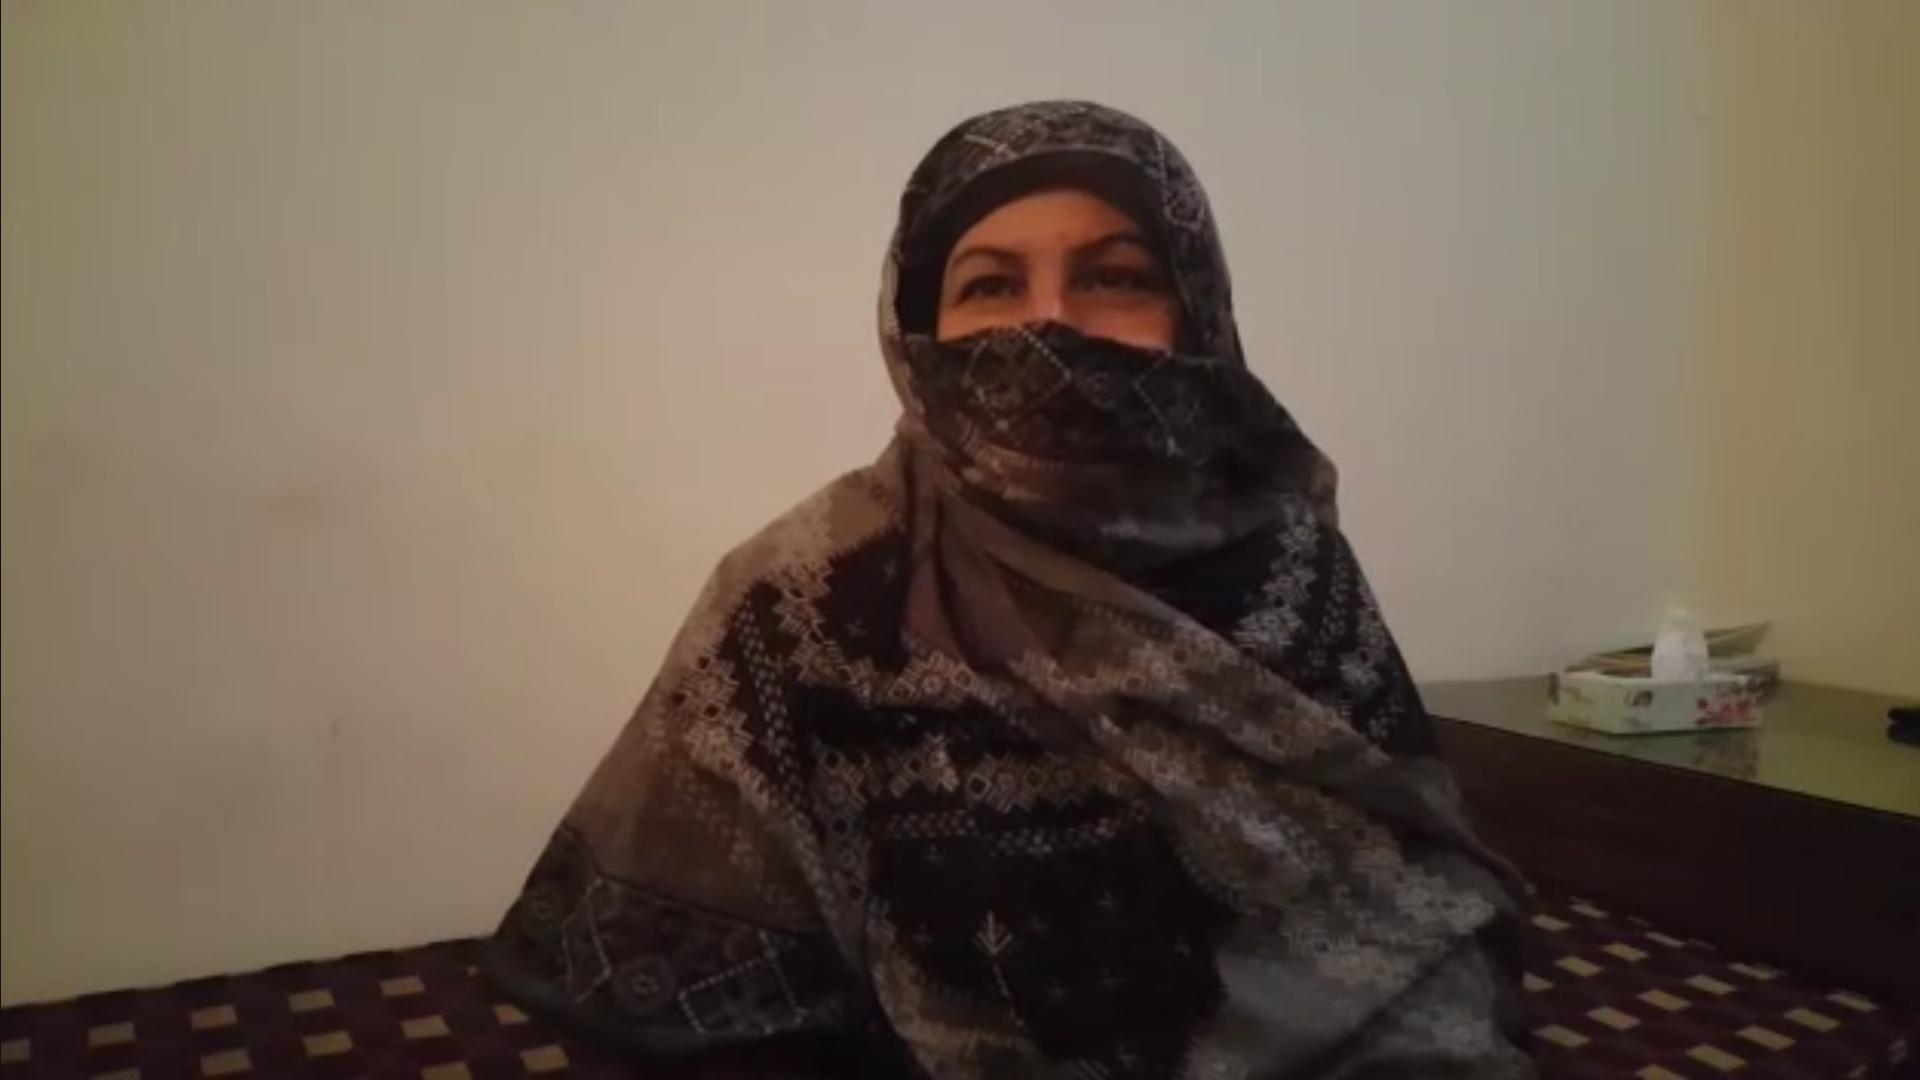 یونیورسٹی اف سوات کی جنسی ہراسانی کا معاملہ ، متاثرہ خاتون پروفیسر ویڈیو پیغام جاری